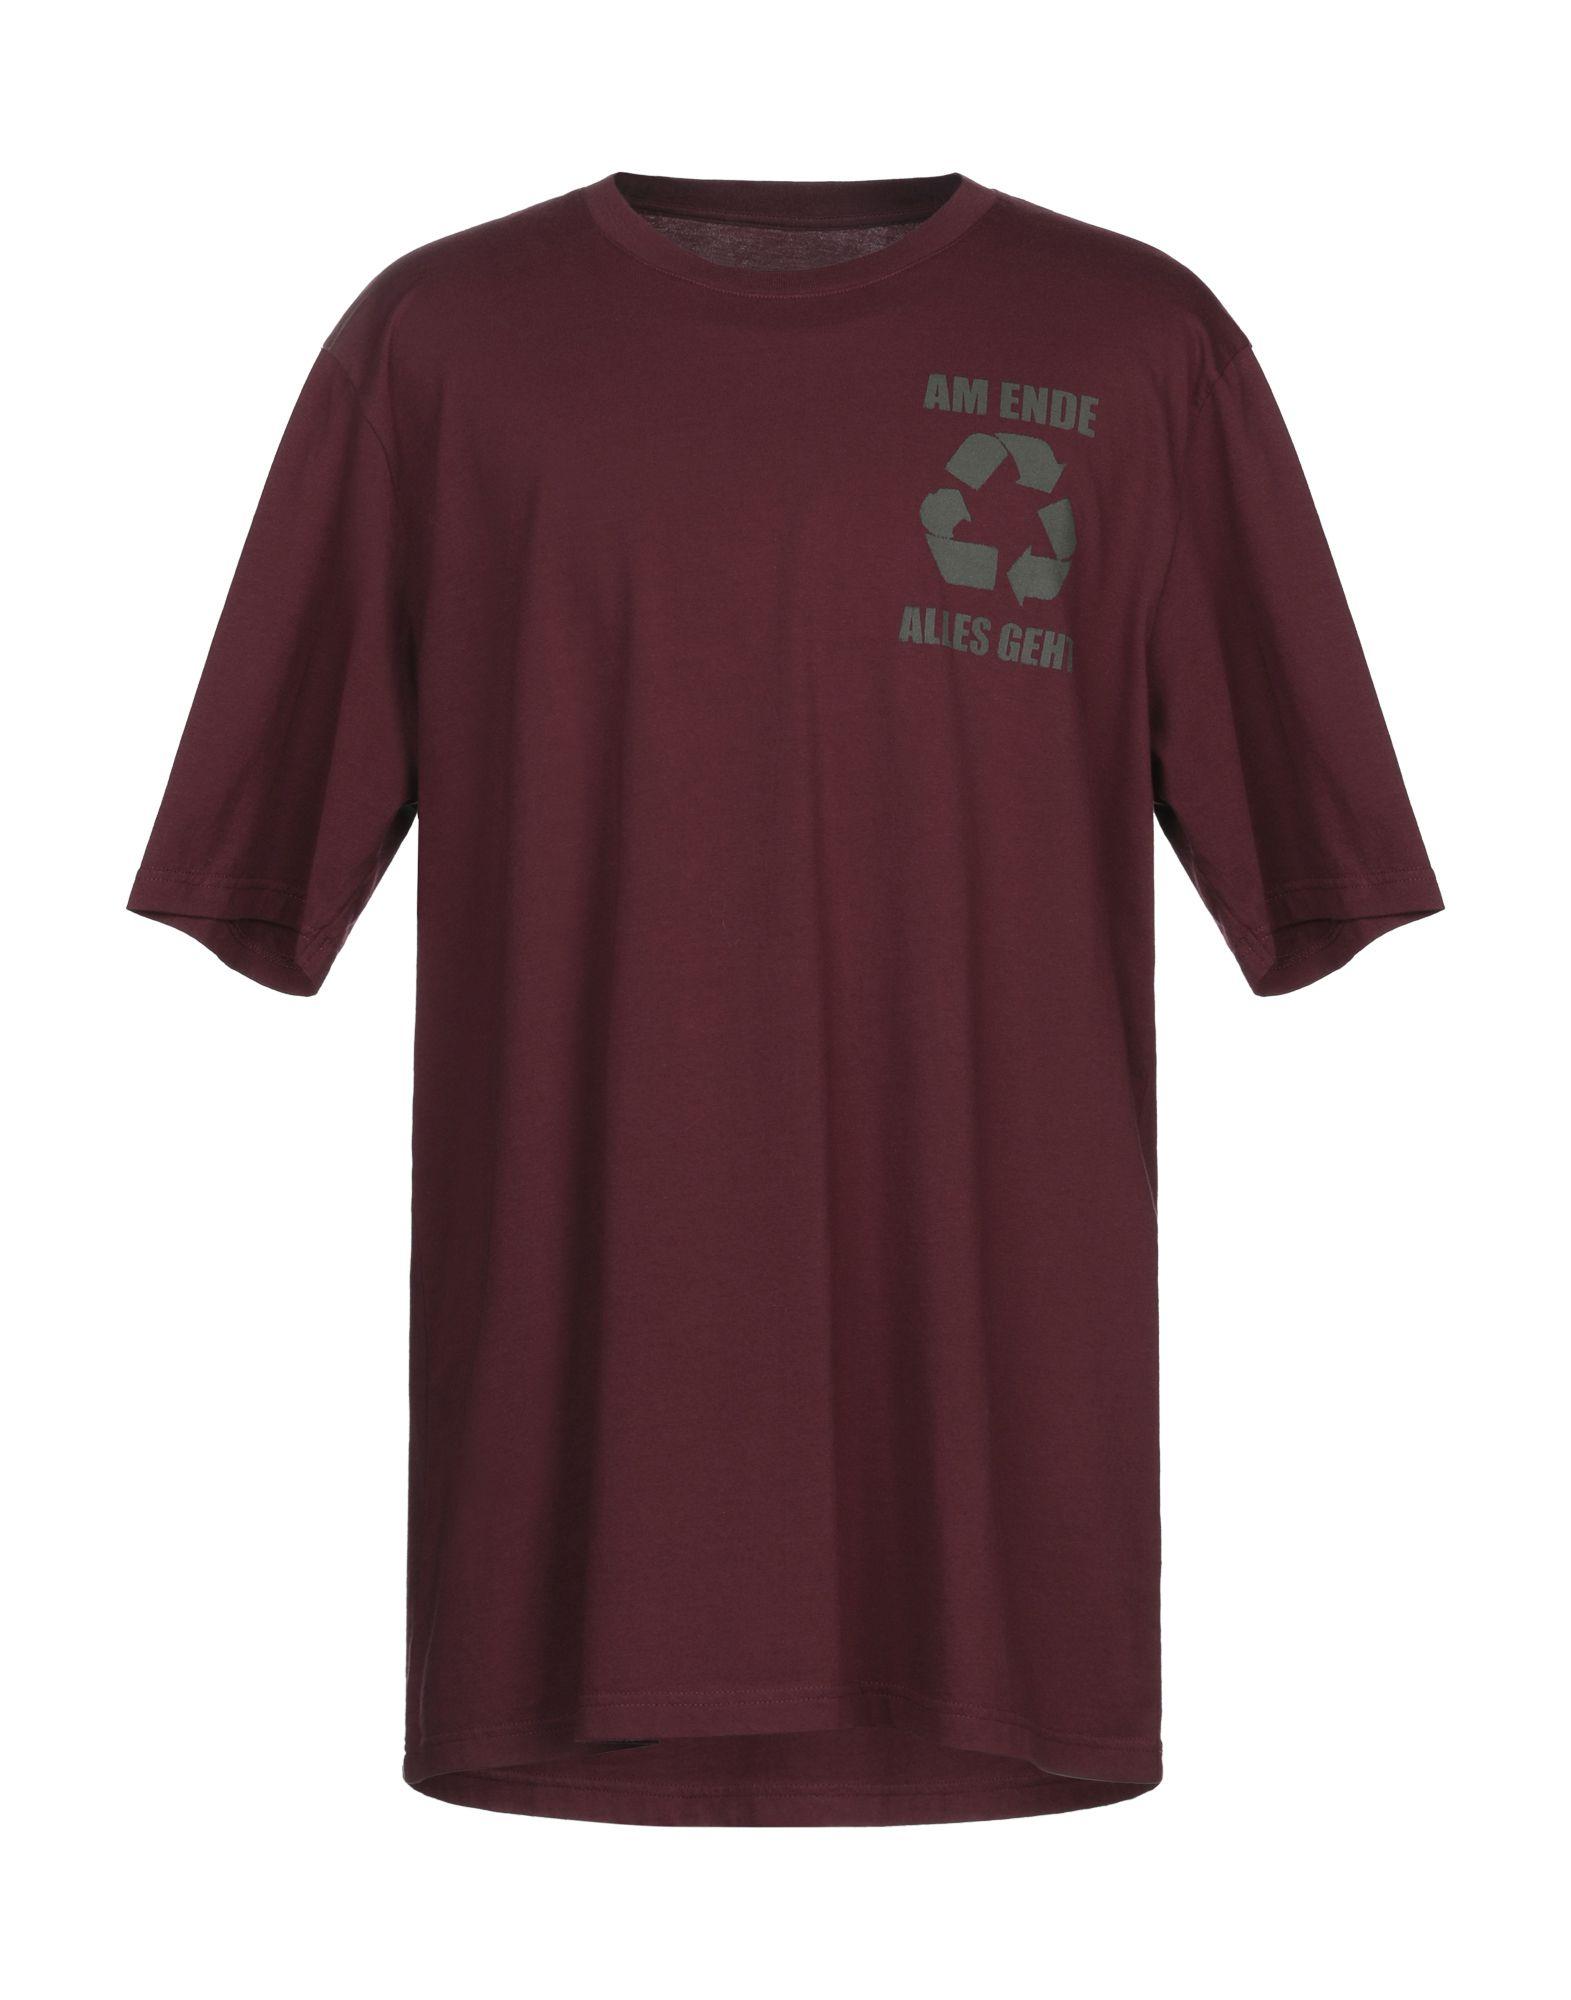 T-Shirt Faith Connexion uomo - 12358225ES 12358225ES 12358225ES 538